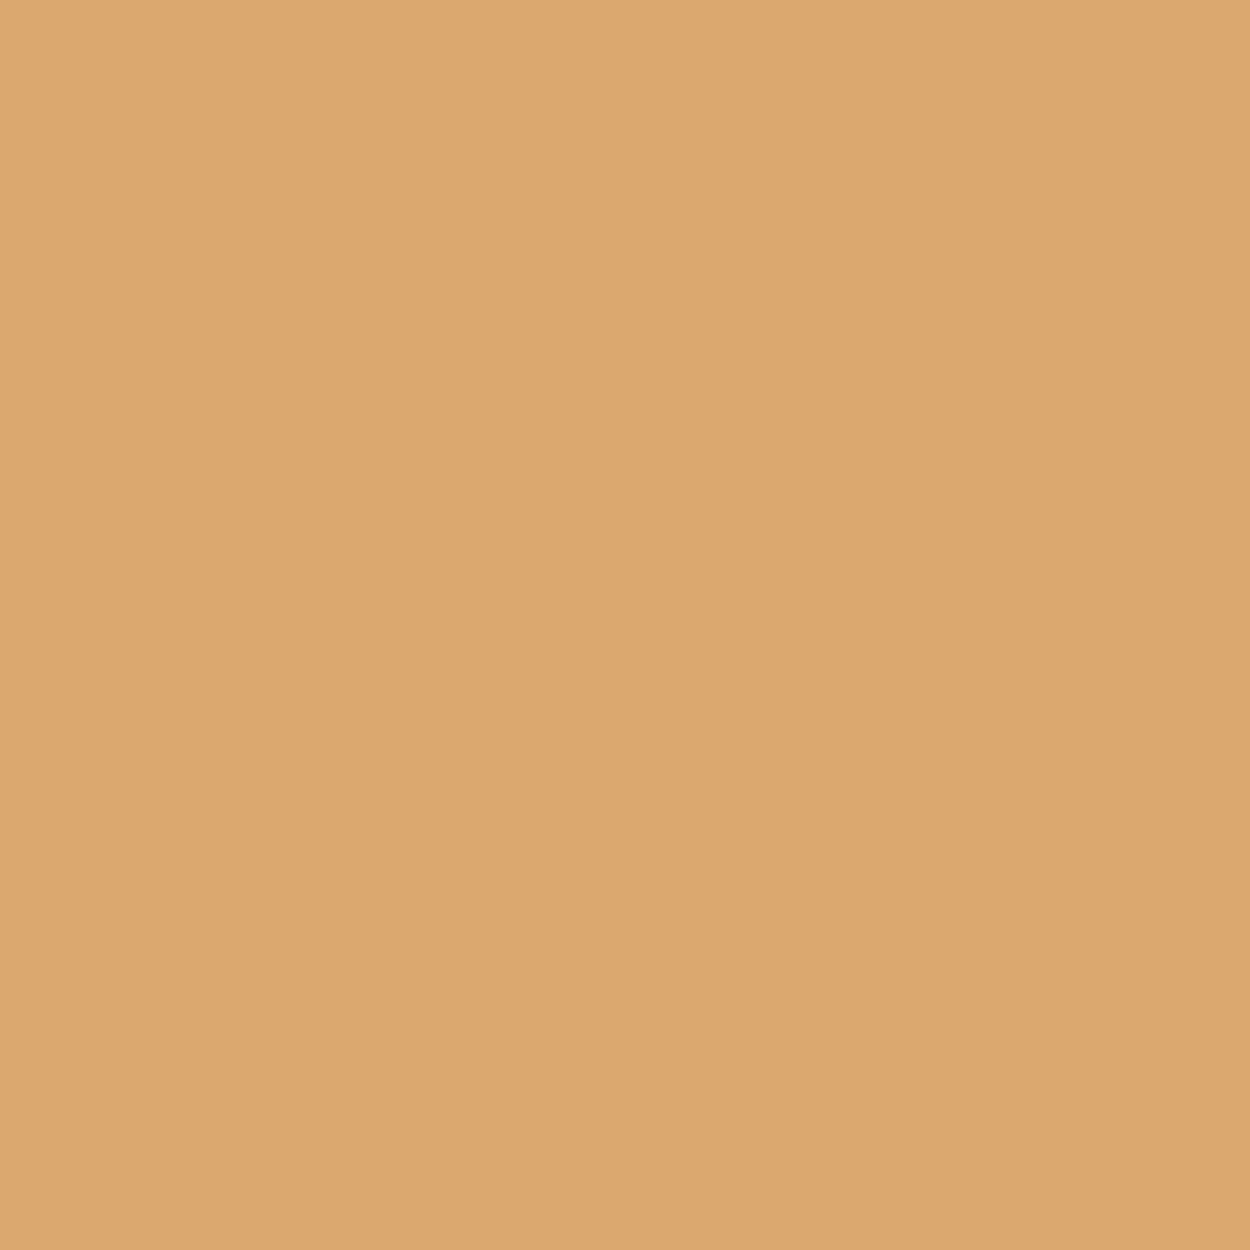 適応部族十二SANMIMORE(サンミモレ化粧品) UVパクト 50号ライトオークル (レフィル 替パフ付)